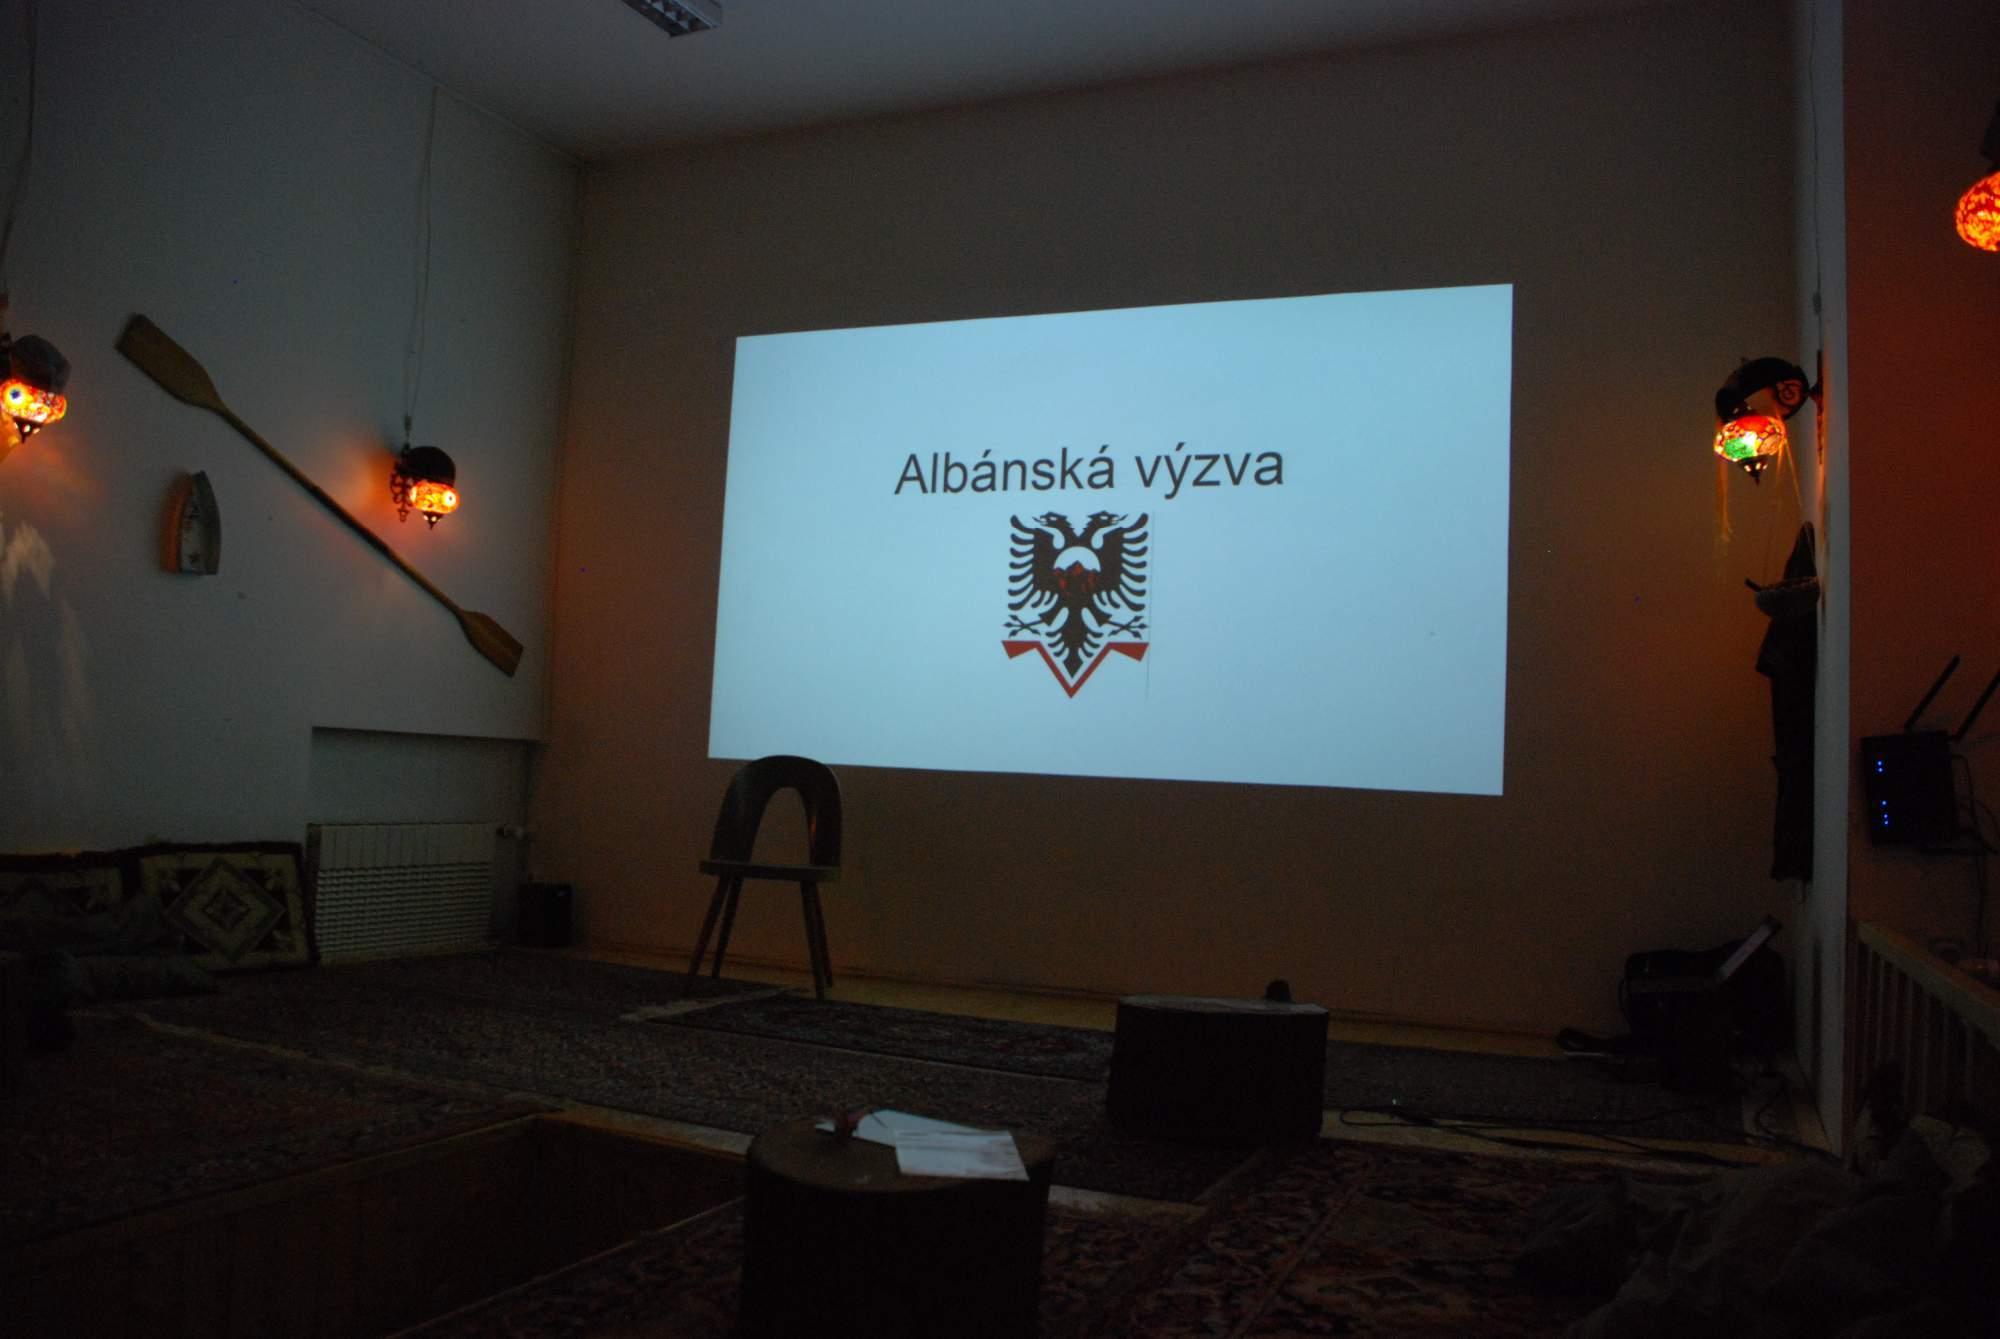 Jan Balák vyprávěl o založení Albánské výzvy. Foto: Jana Blahošová